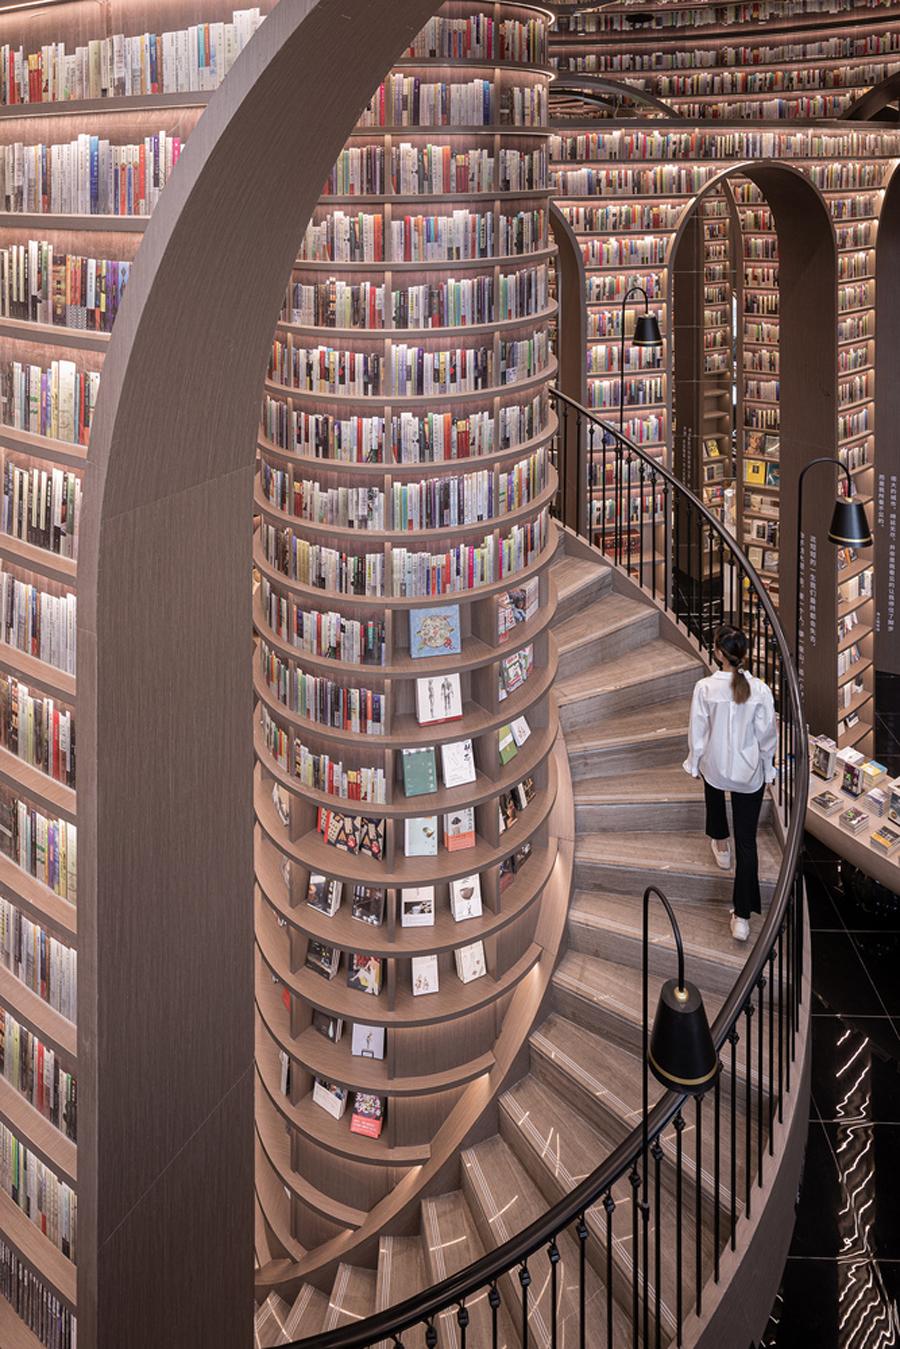 Dujiangyan Zhongshuge Bookstore 10